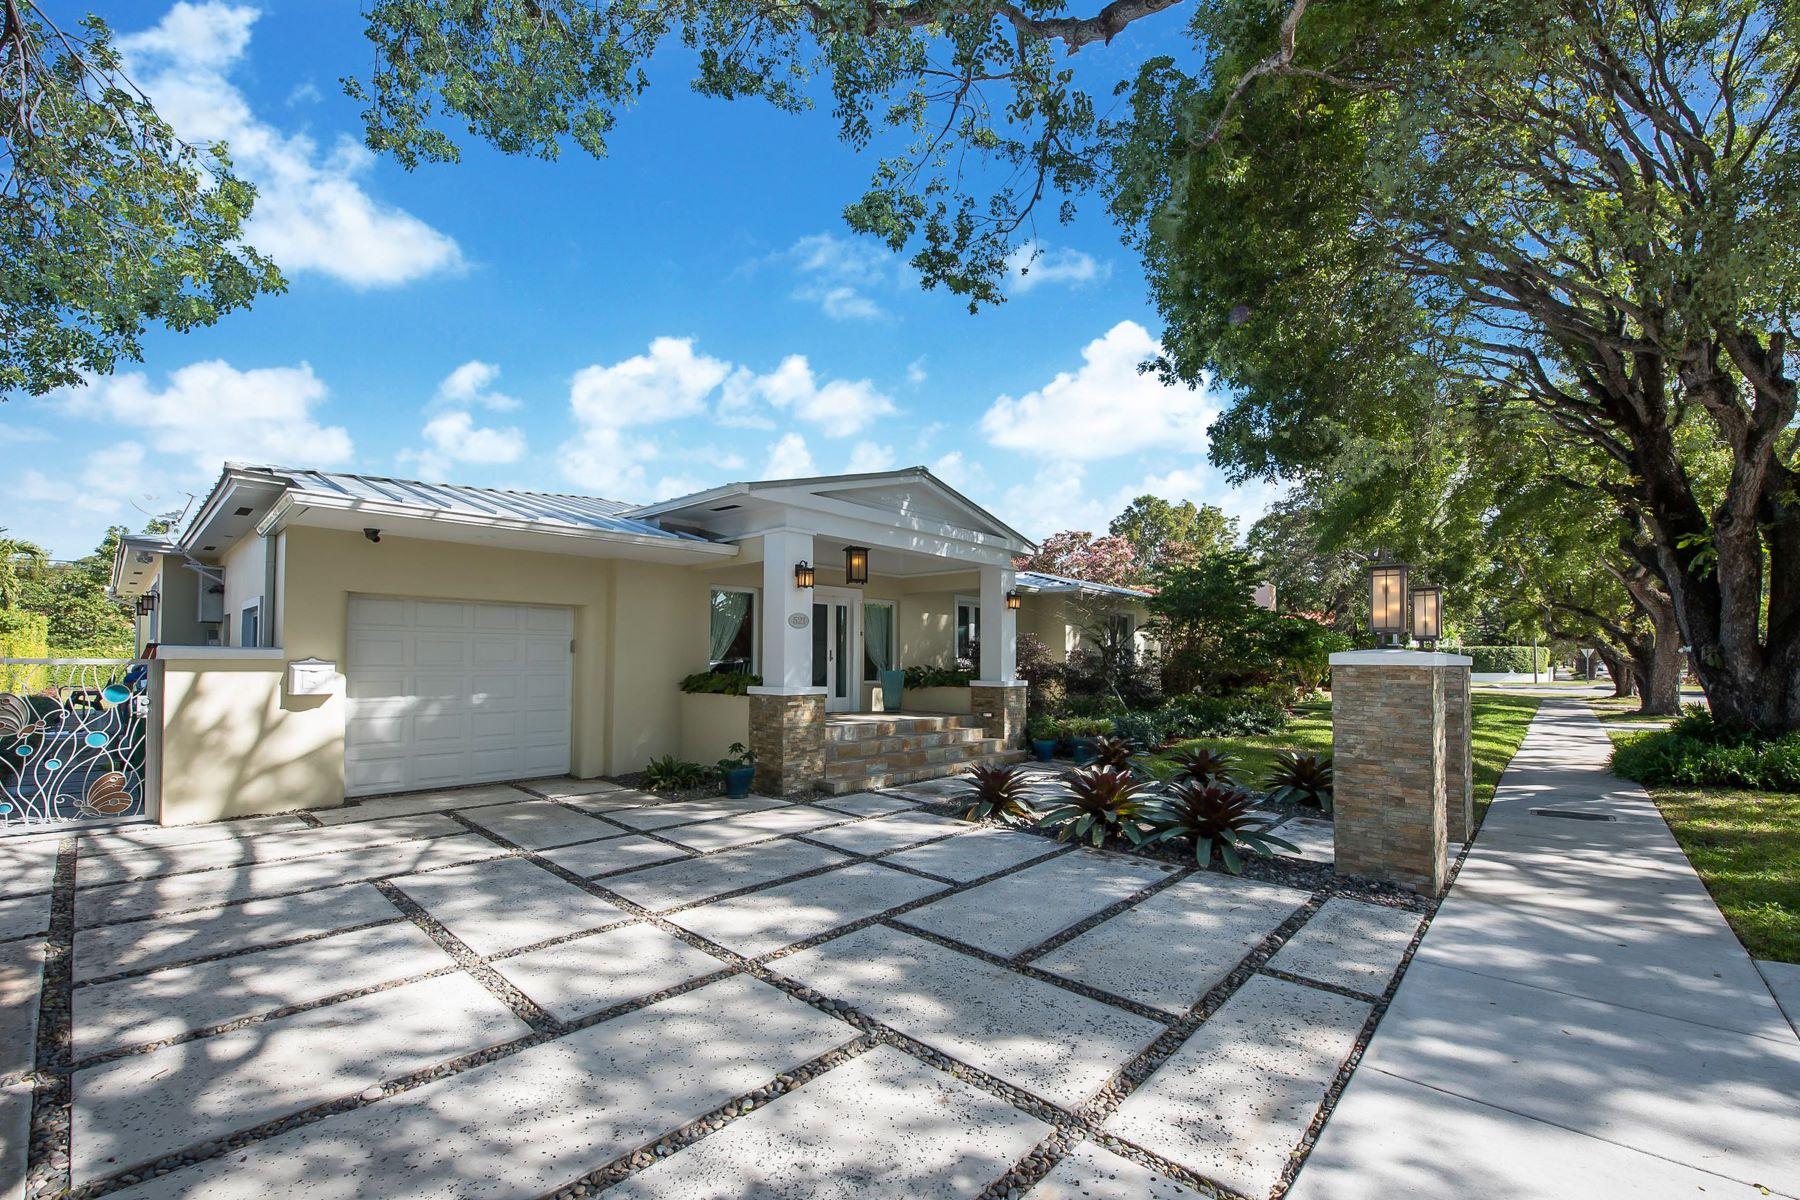 独户住宅 为 销售 在 521 Sw 28th Rd 迈阿密, 佛罗里达州, 33129 美国